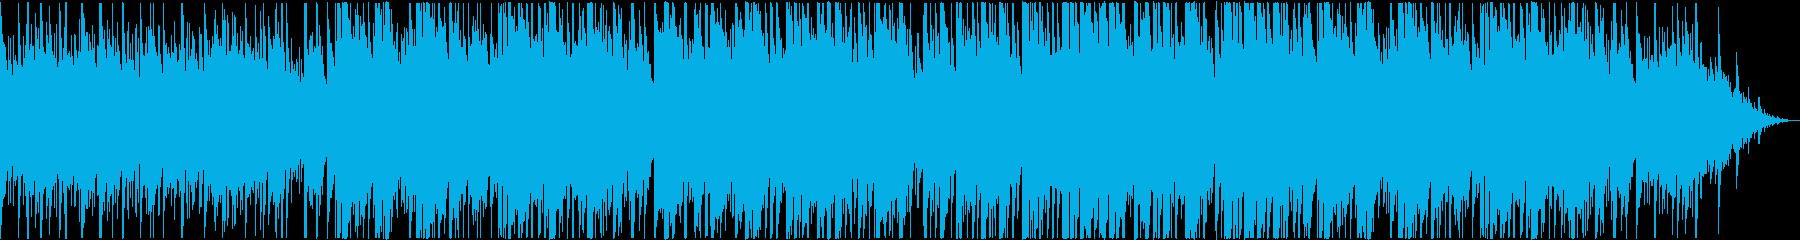 ほのぼの温かい風に吹かれてくつろぐの再生済みの波形